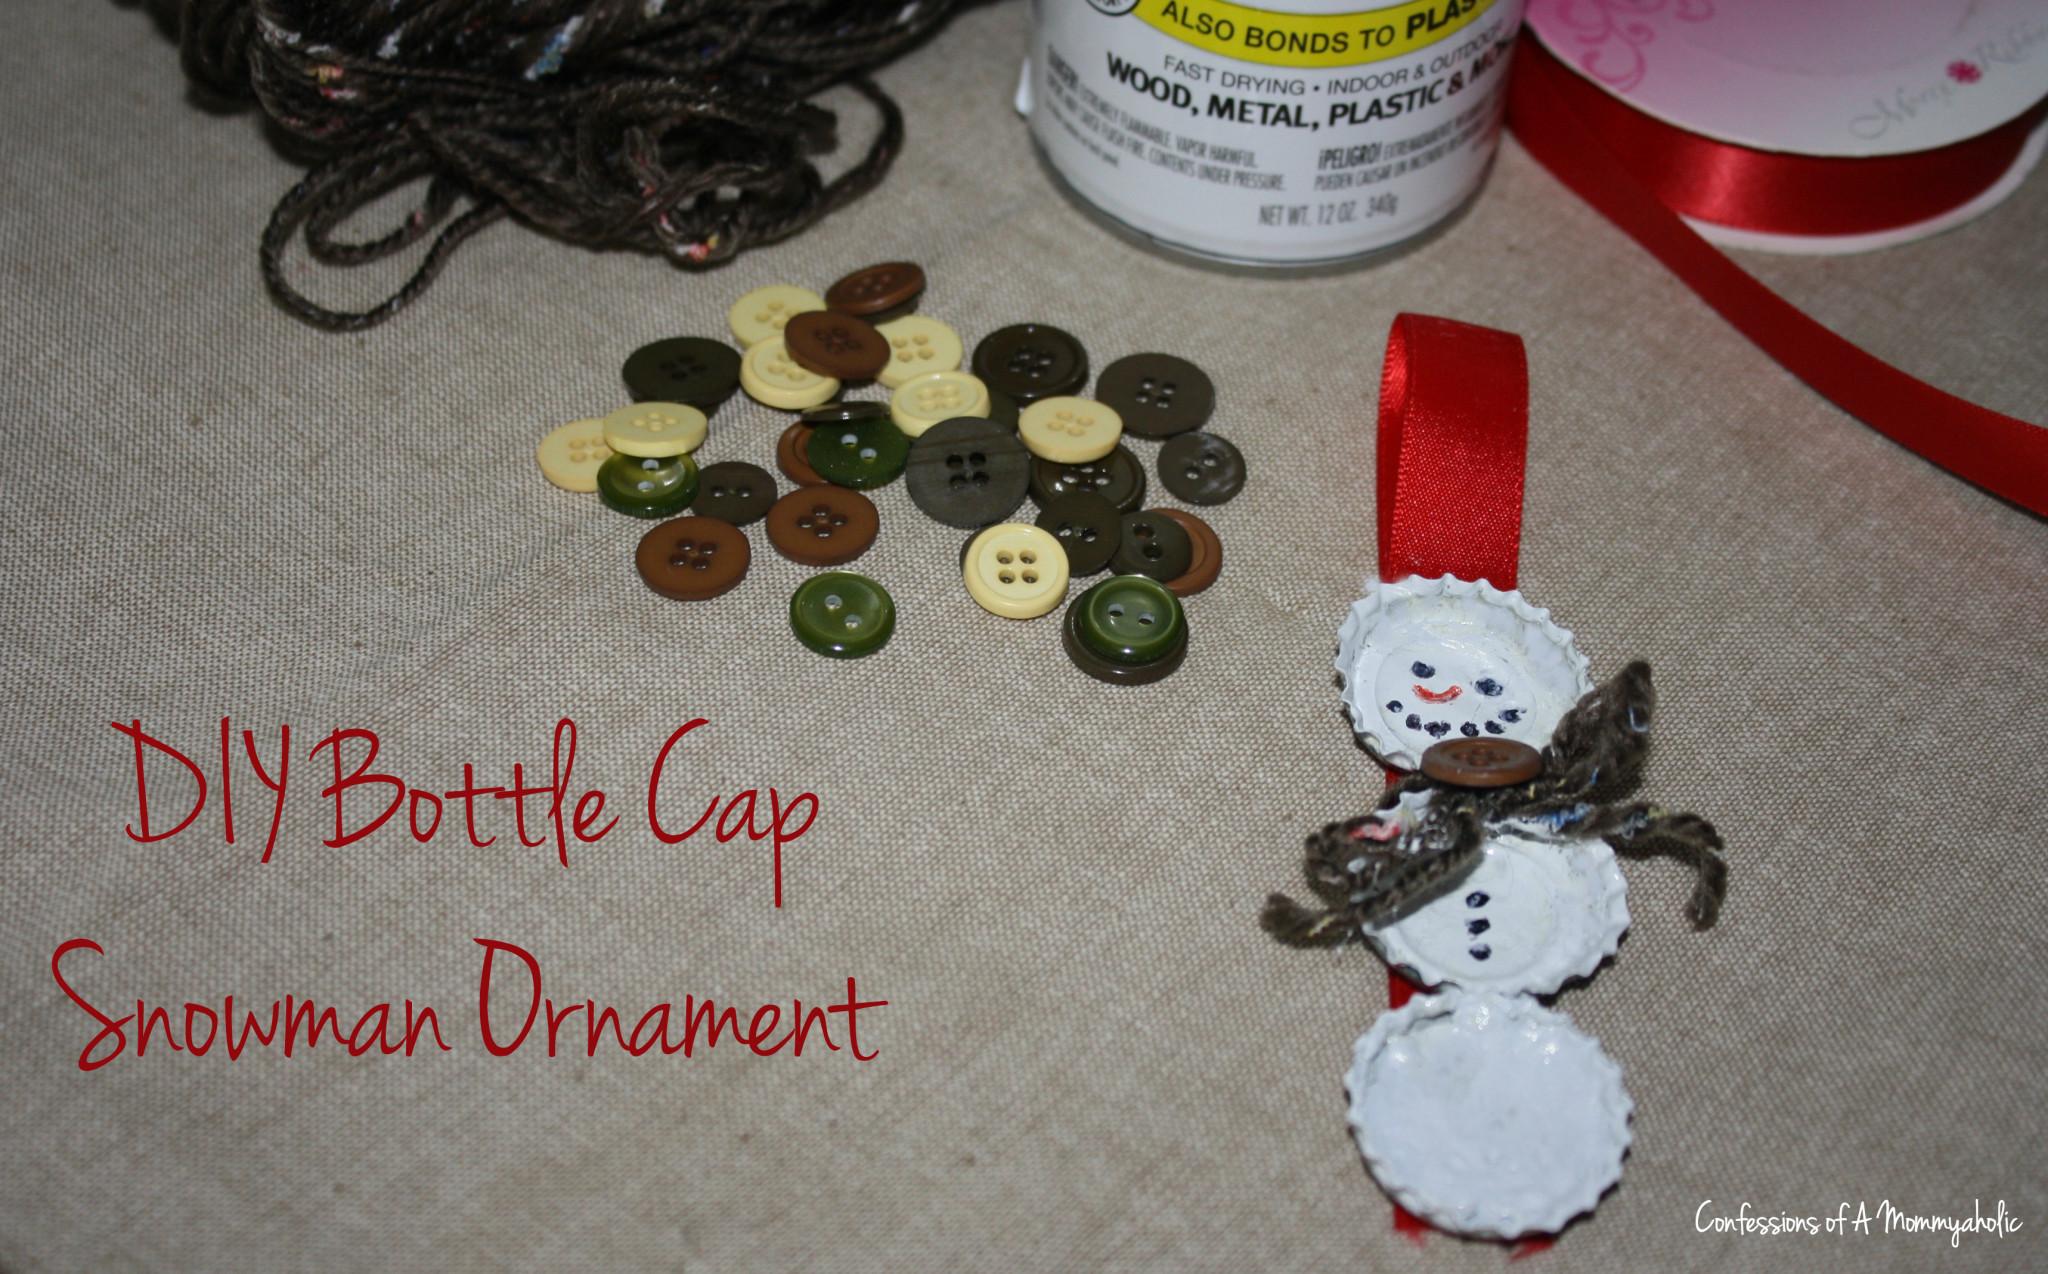 DIY-Bottle-Cap-Snowman-Ornament